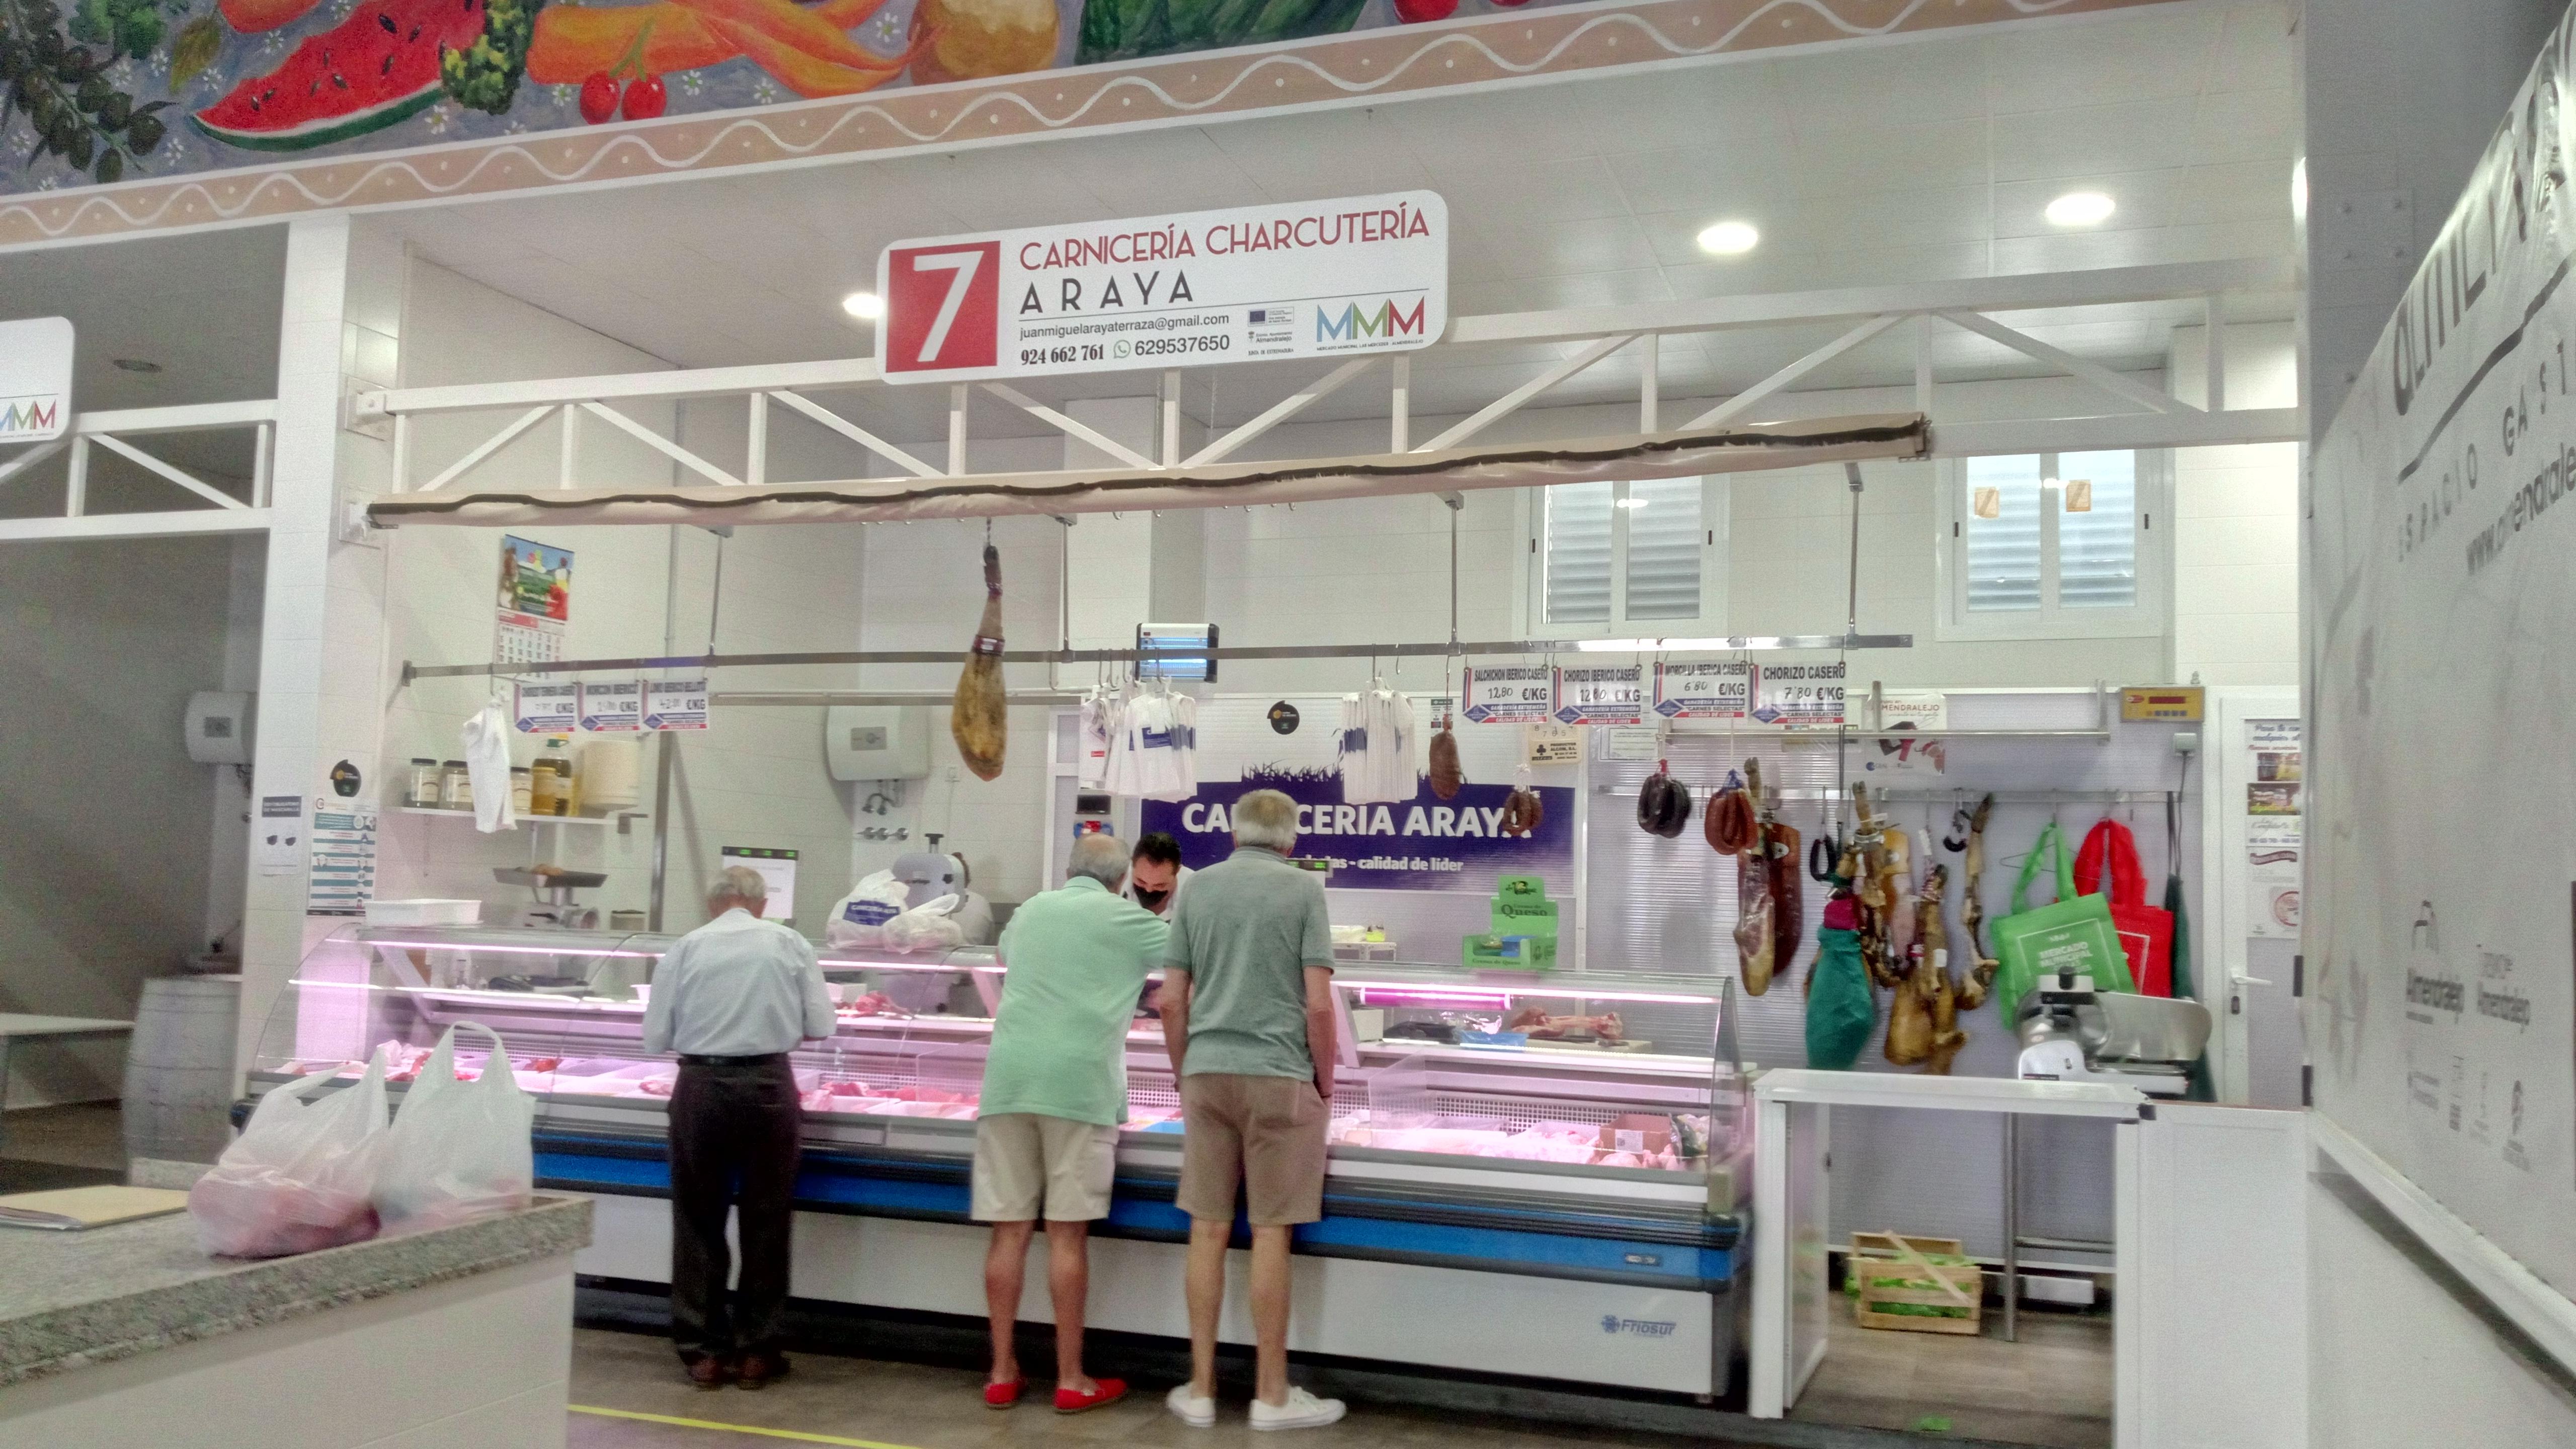 Carnicería especializada en Almendralejo Araya Plaza de Abastos